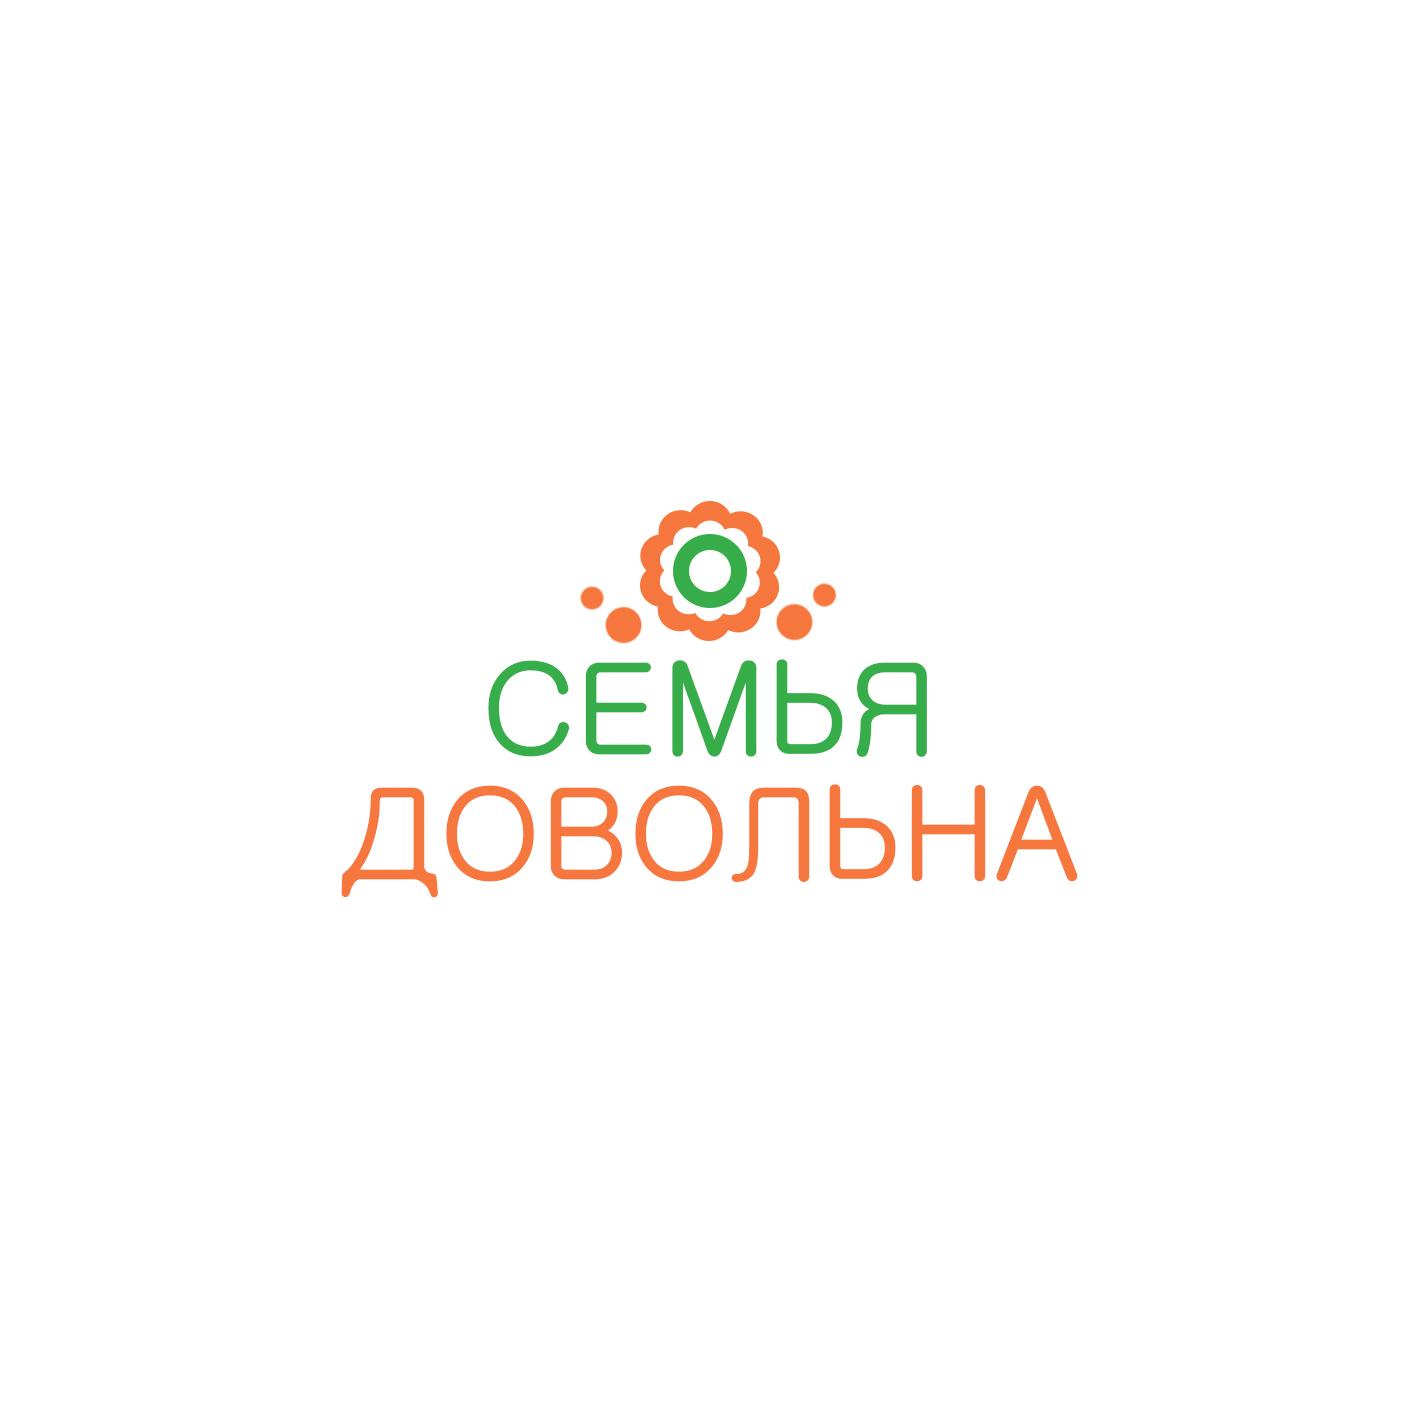 """Разработайте логотип для торговой марки """"Семья довольна"""" фото f_8515b9a81030092b.jpg"""